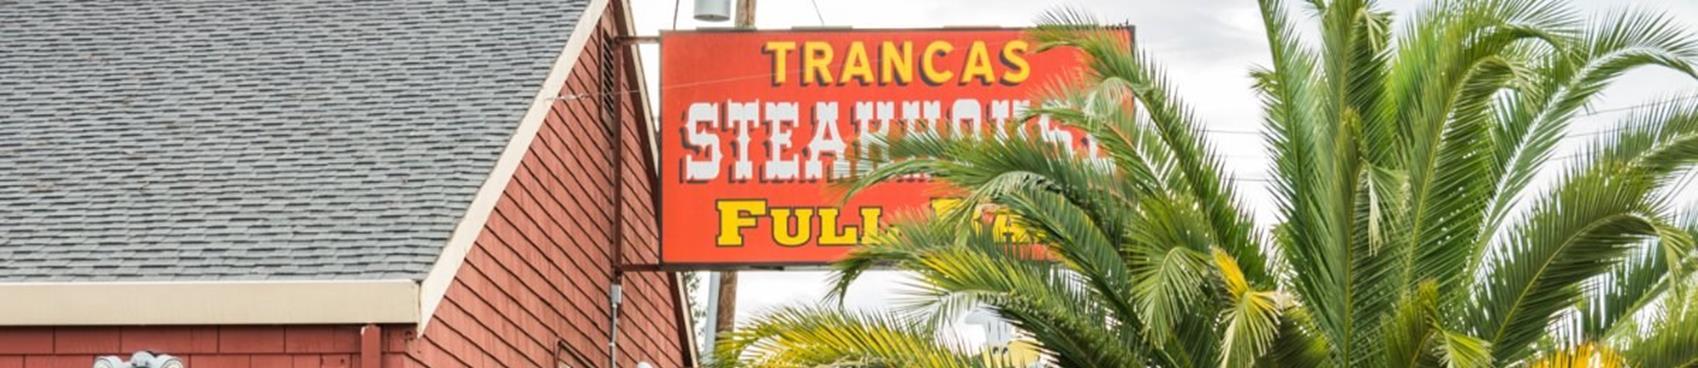 Trancas Steakhouse